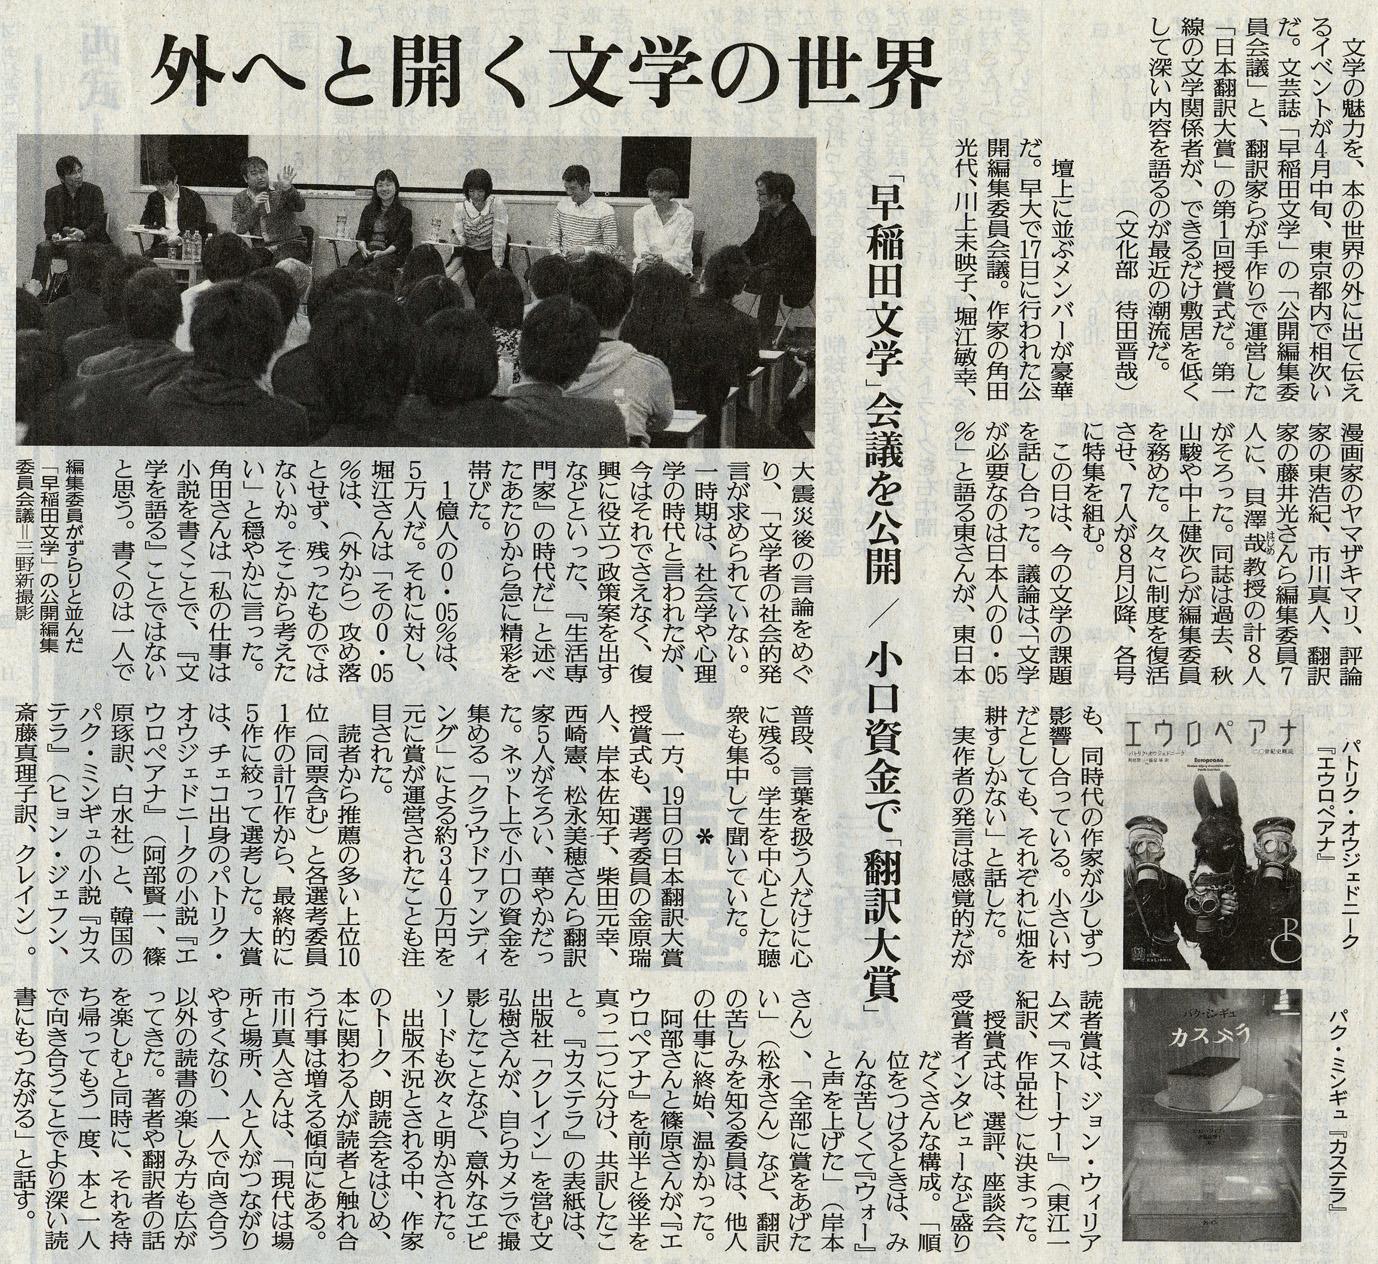 2015年5月5日付『読売新聞』の「日本翻訳大賞」の紹介記事